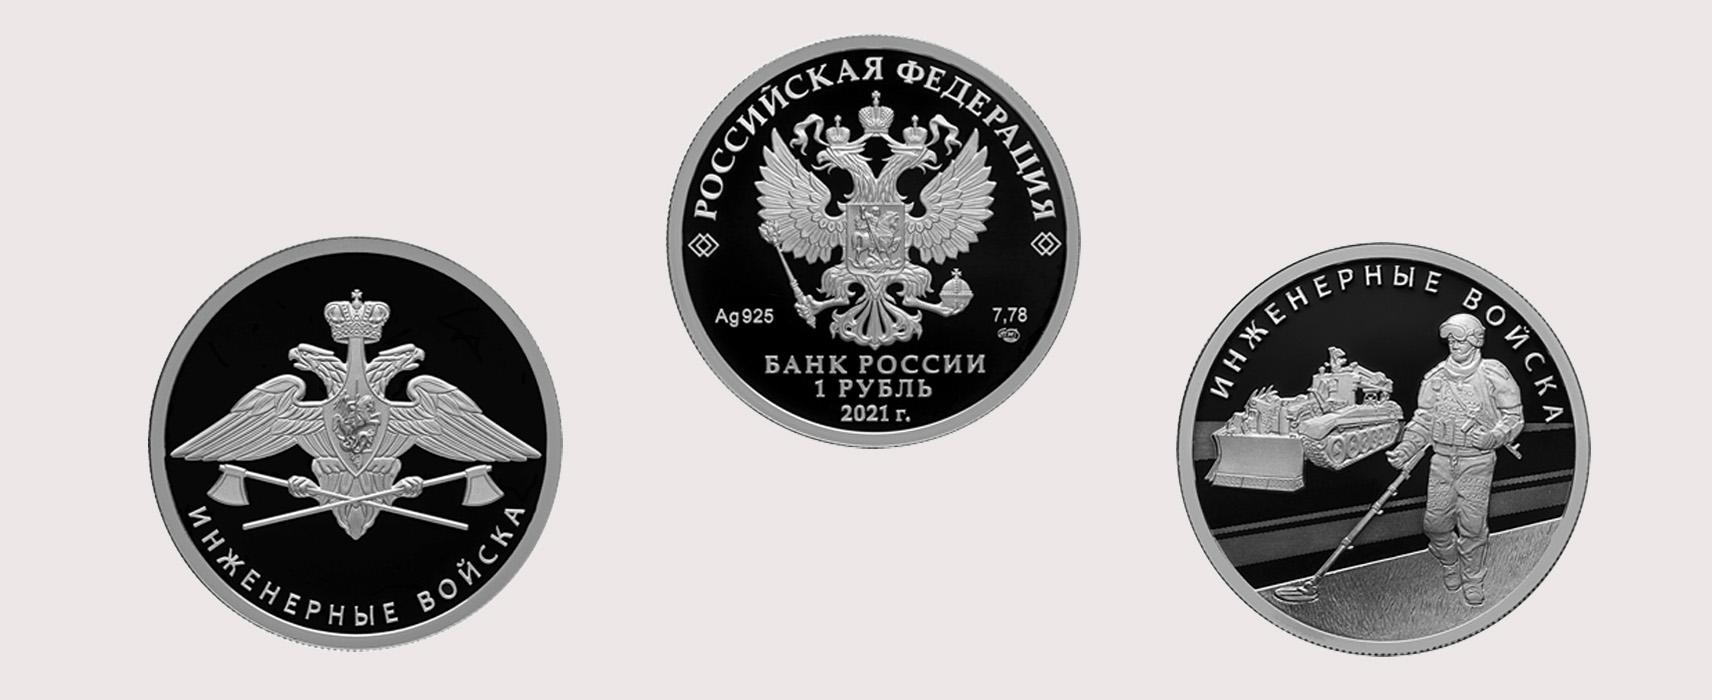 Банк России выпускает серебряные монеты в честь Инженерных войск